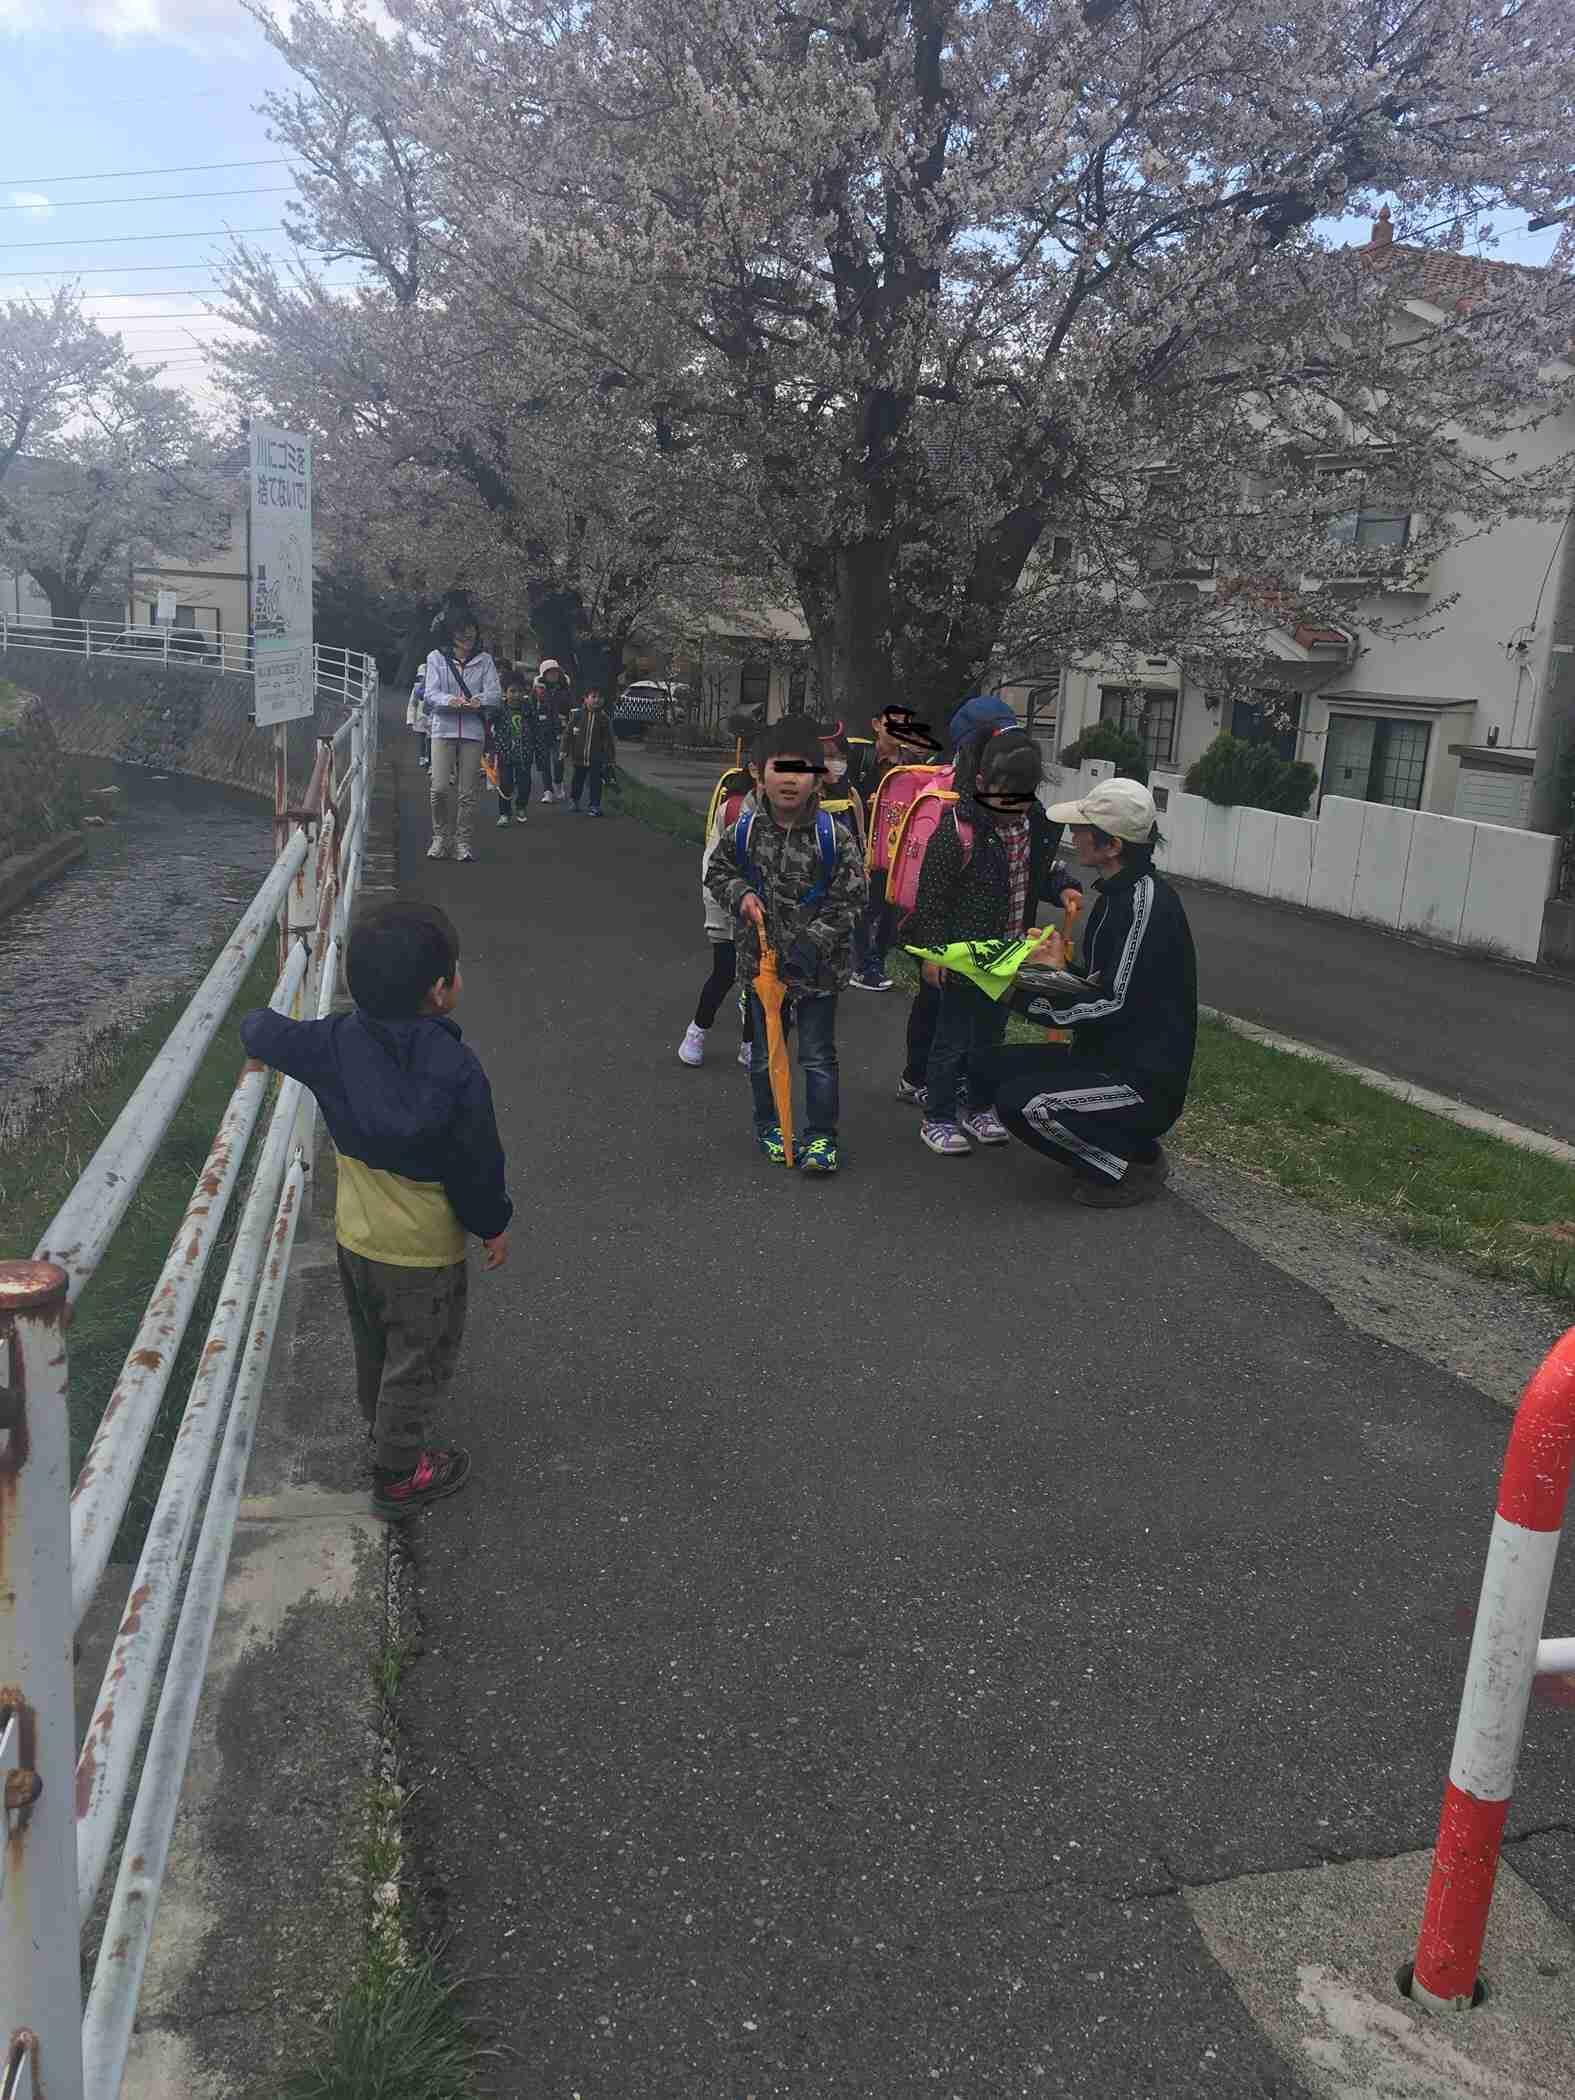 側溝で小1女児転落し流され重体 滋賀・甲賀市